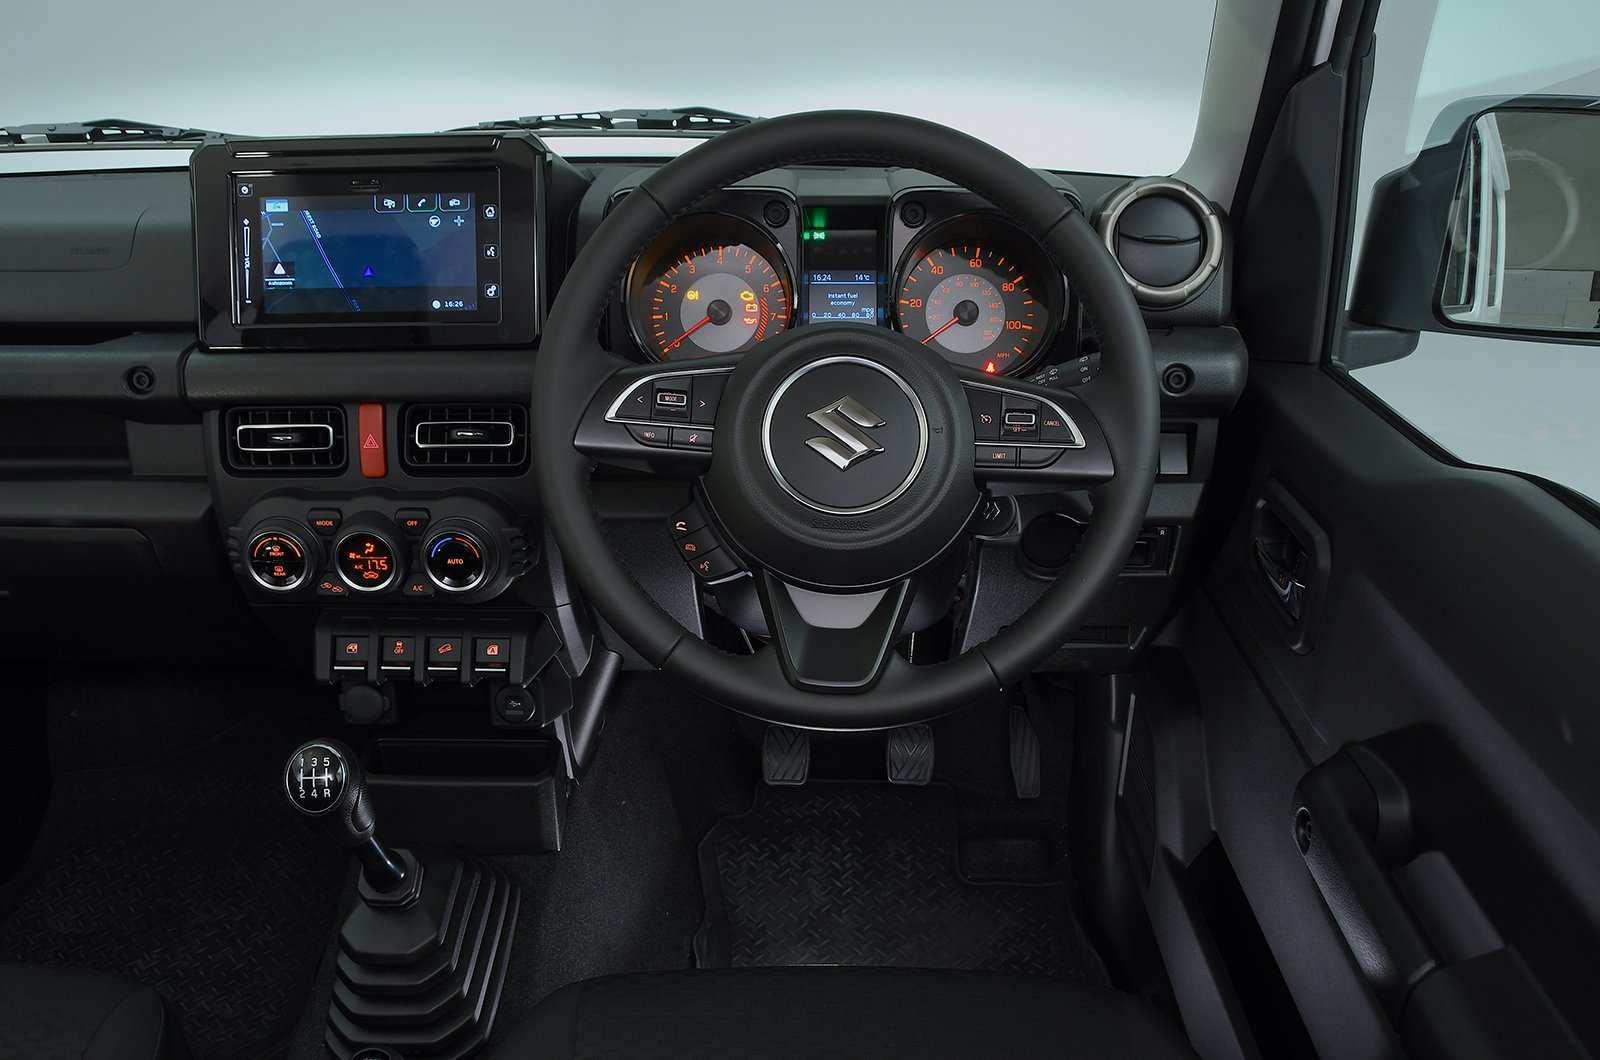 72 All New Suzuki Jimny Interior Research New for Suzuki Jimny Interior